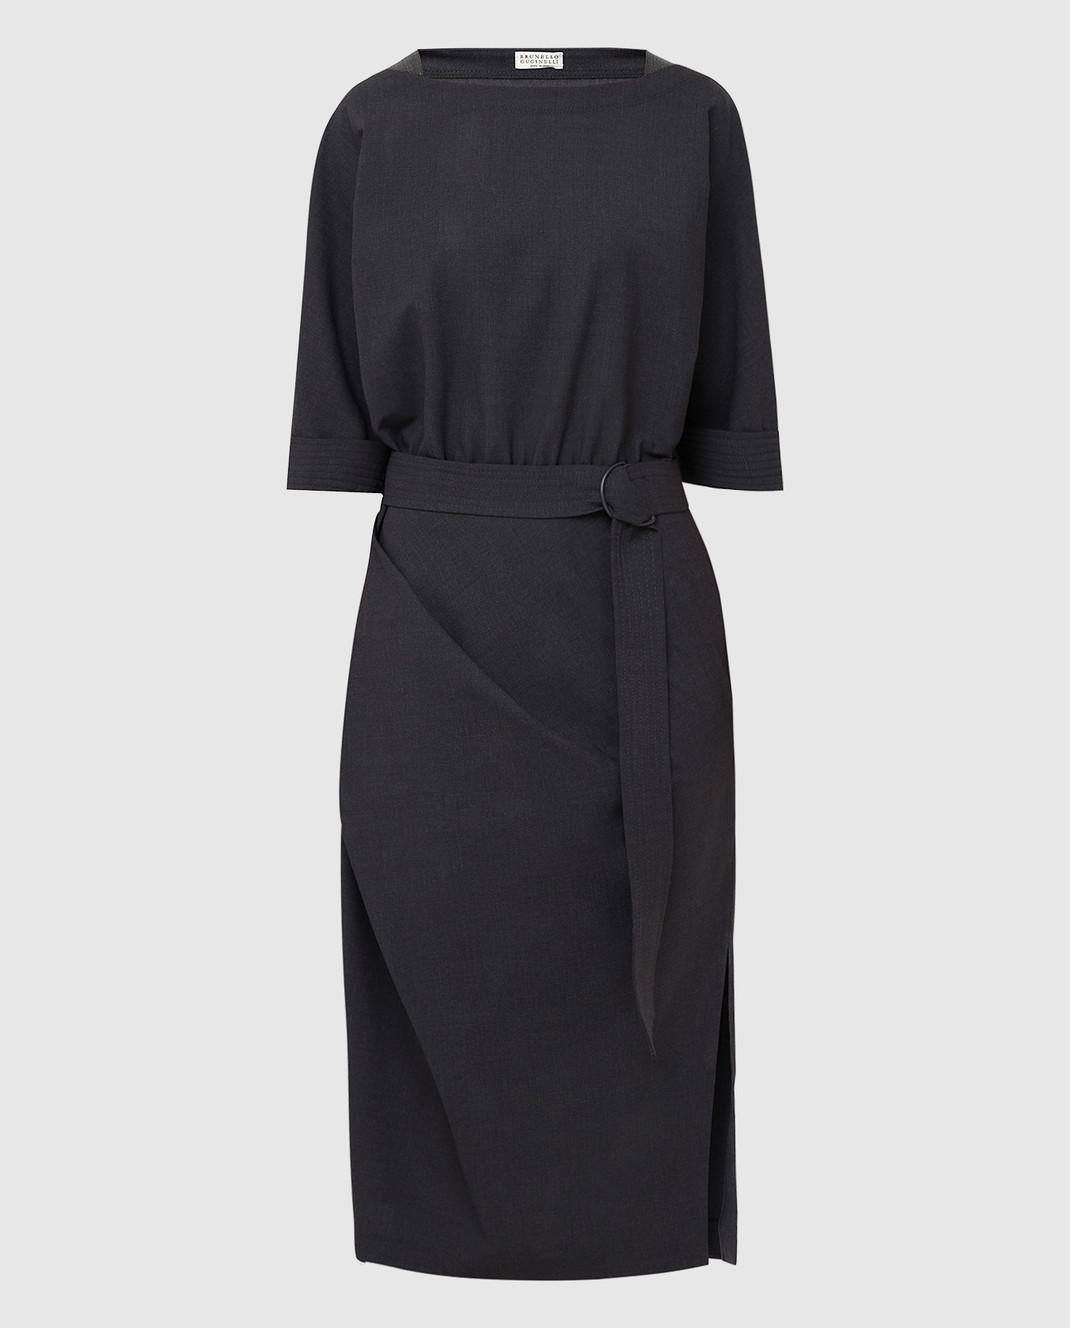 Brunello Cucinelli Темно-серое платье из шерсти изображение 1